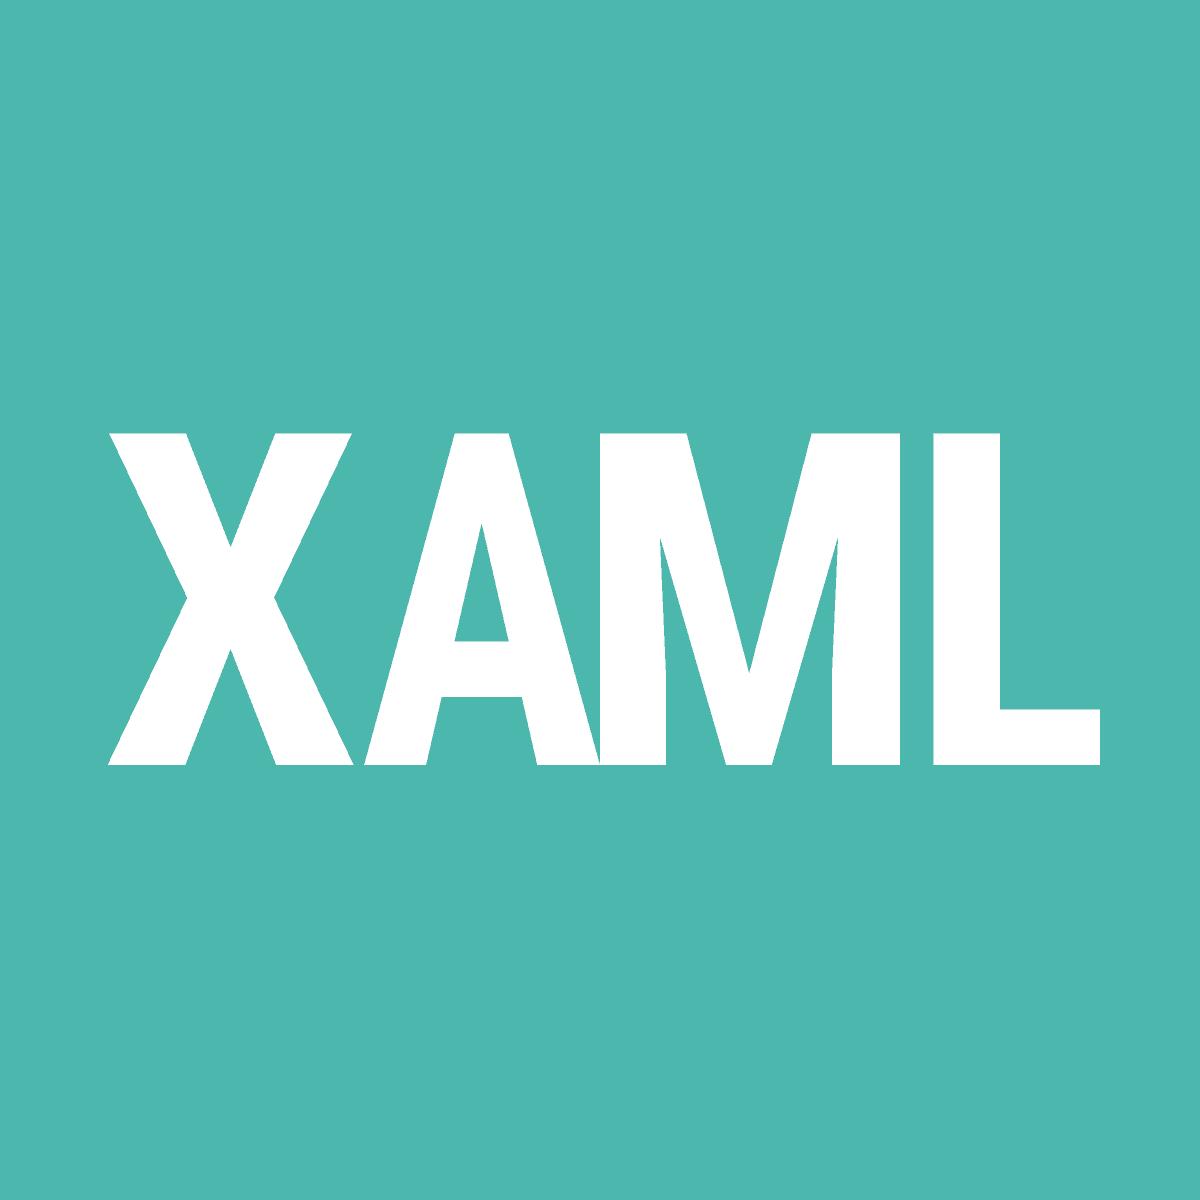 10 приёмов и хитростей XAML